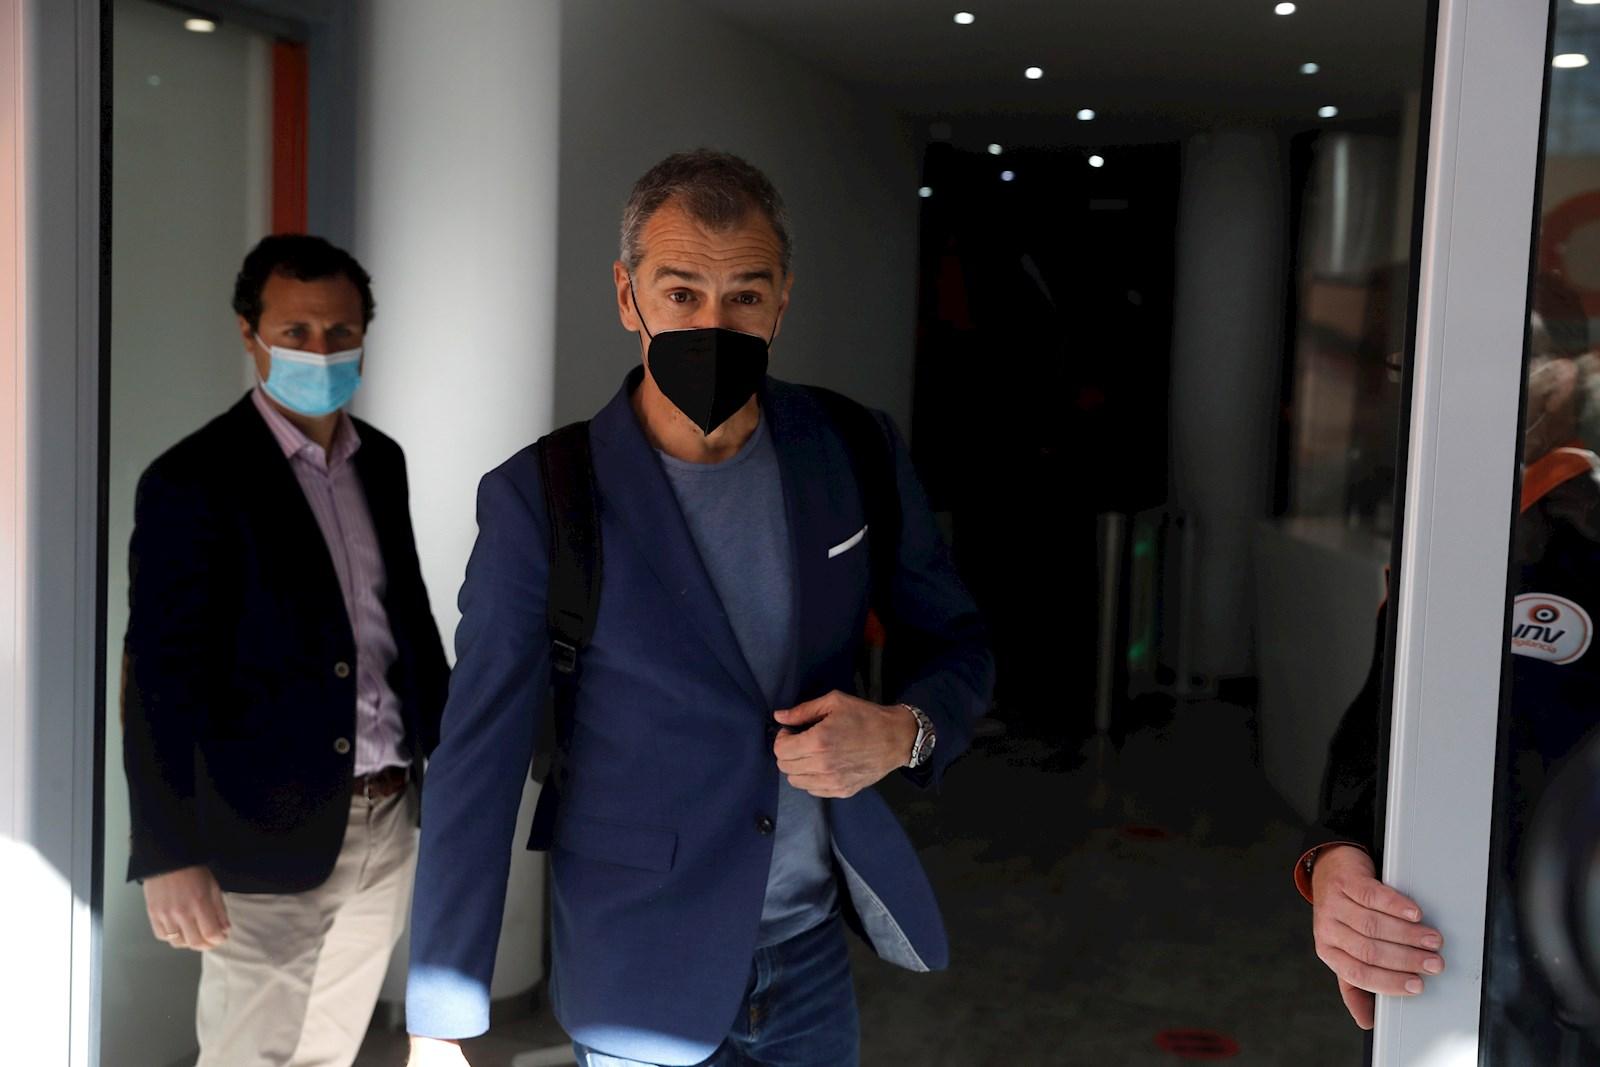 Toni Cantó a su llegada a la ejecutiva nacional de Ciudadanos tras la que presentó su dimisión, el 15 de marzo de 2021 en Madrid | EFE/EN